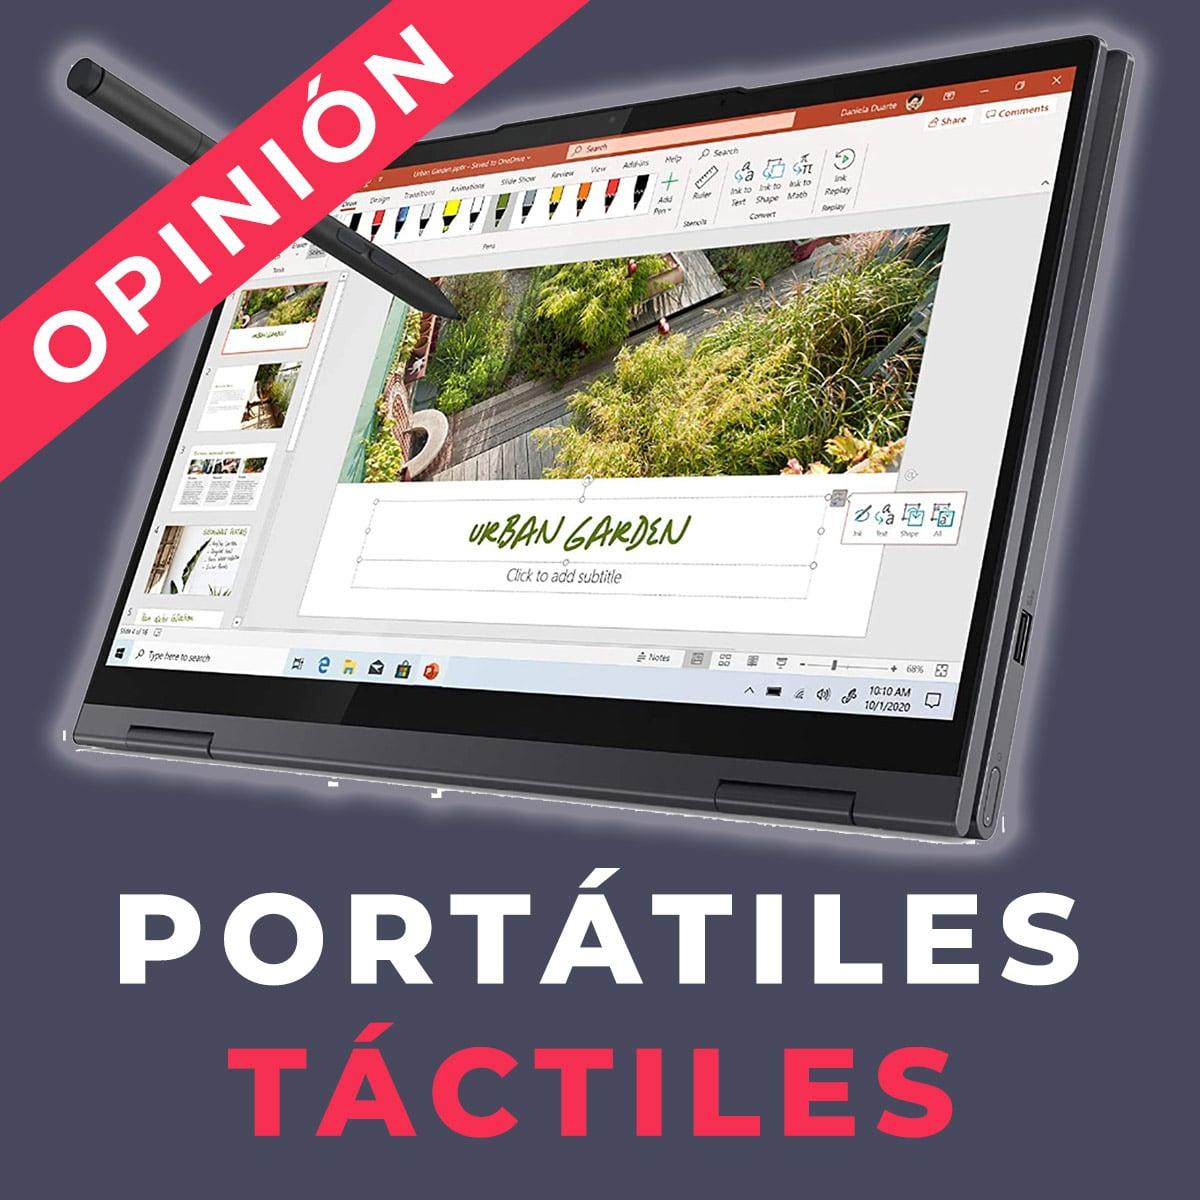 portatiles tactiles